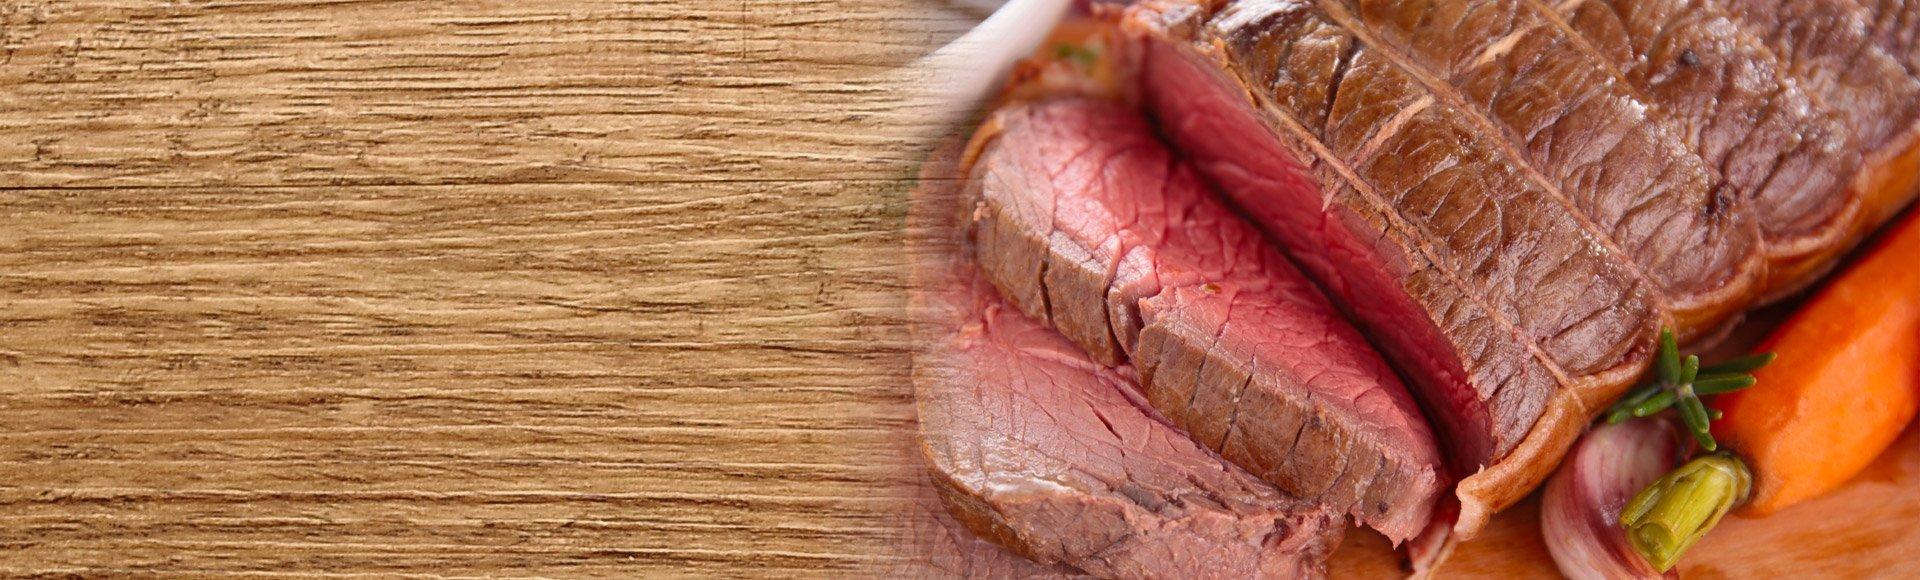 bison roast sliced